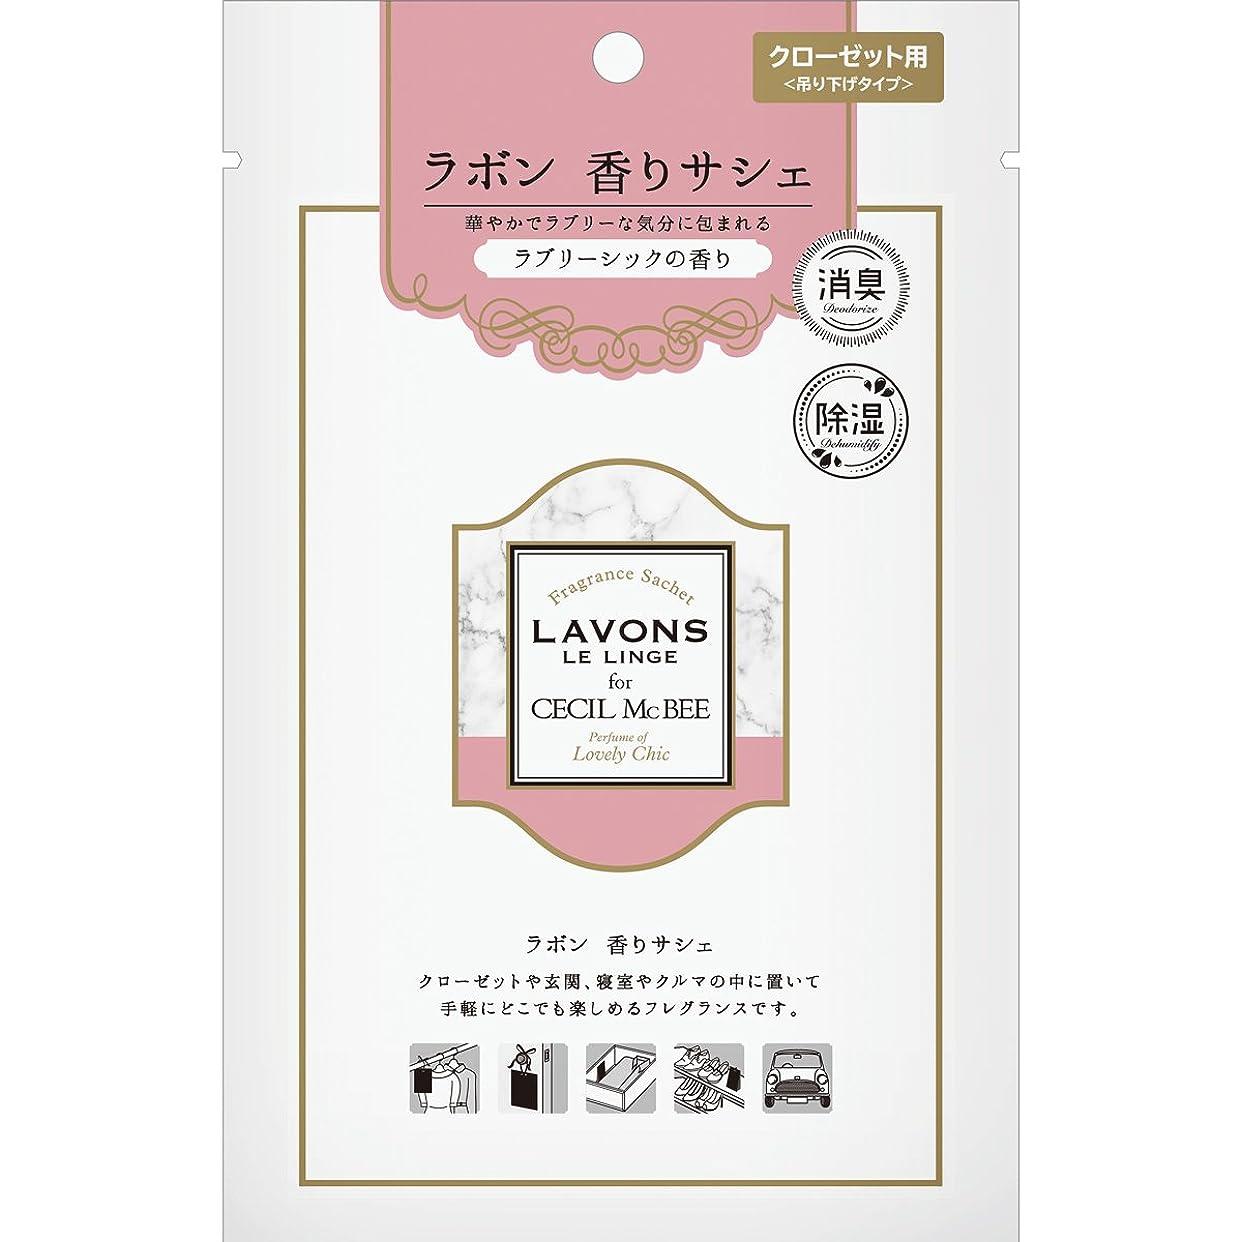 休憩クレーター寝具ラボン for CECIL McBEE 香りサシェ (香り袋) ラブリーシックの香り 20g